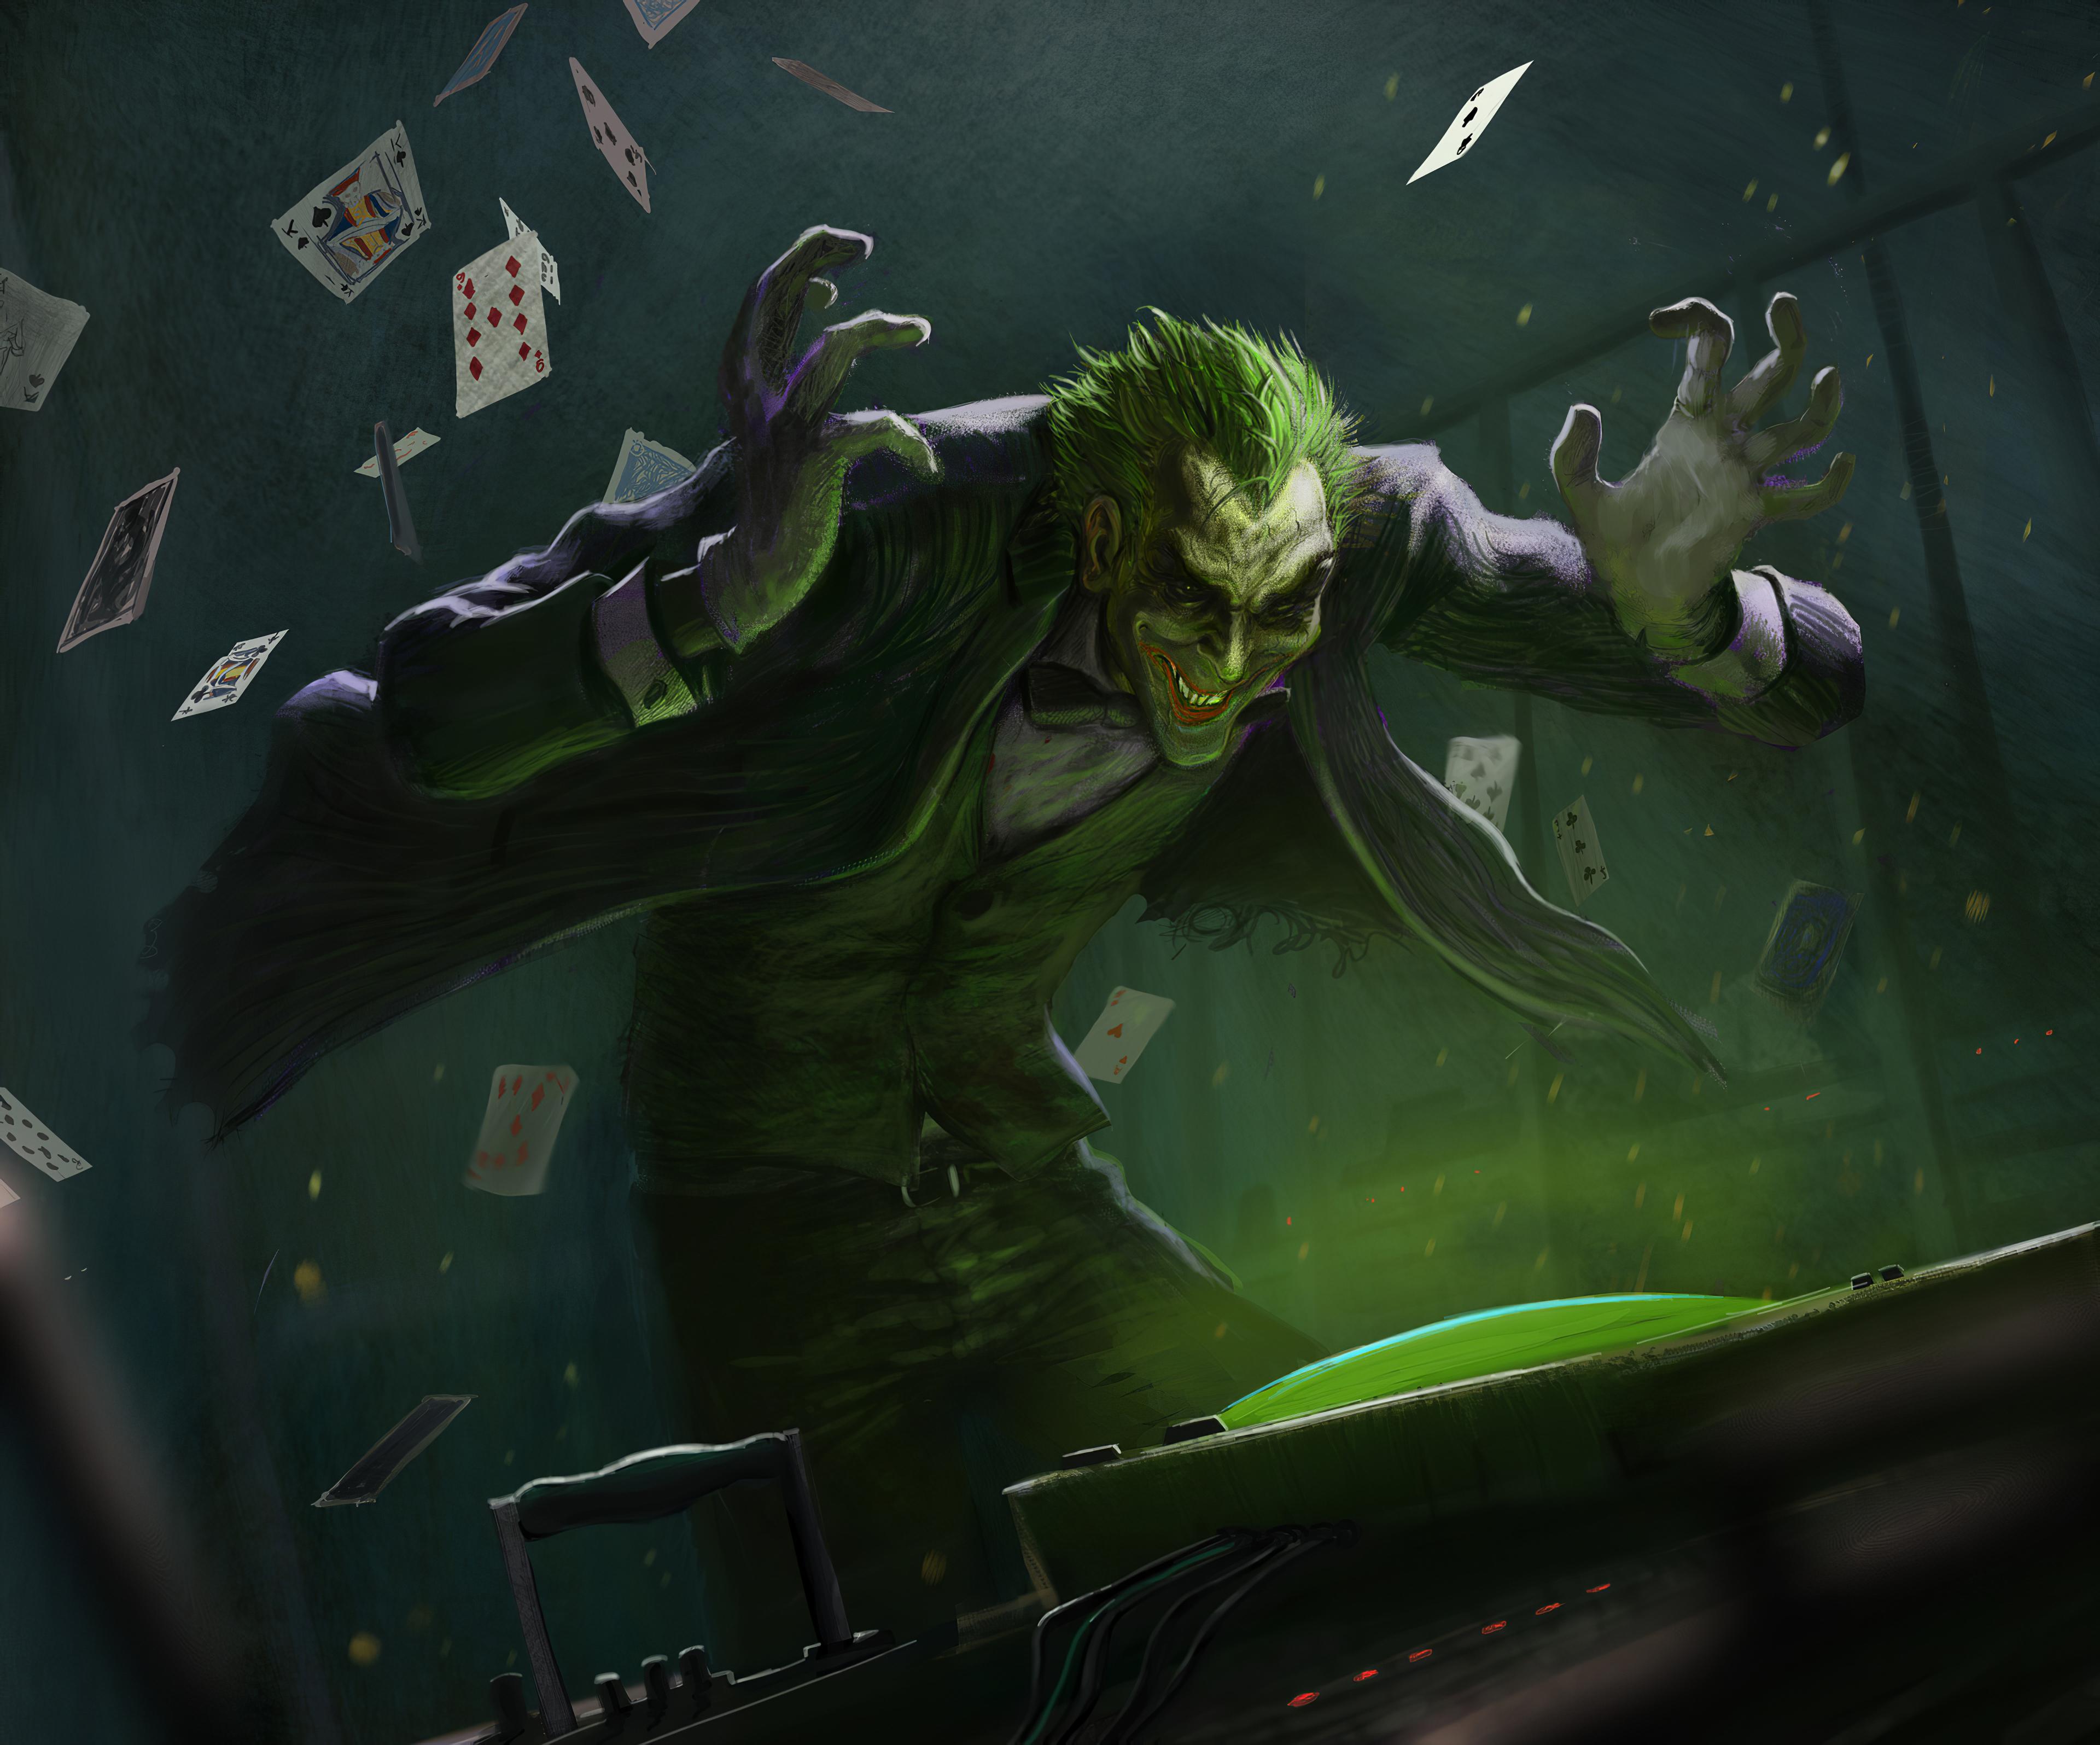 joker card up art 1580588788 - Joker Card Up Art - Joker wallpapers 4k, Joker Cards wallpapers, Joker Card Up Art 4k wallappers